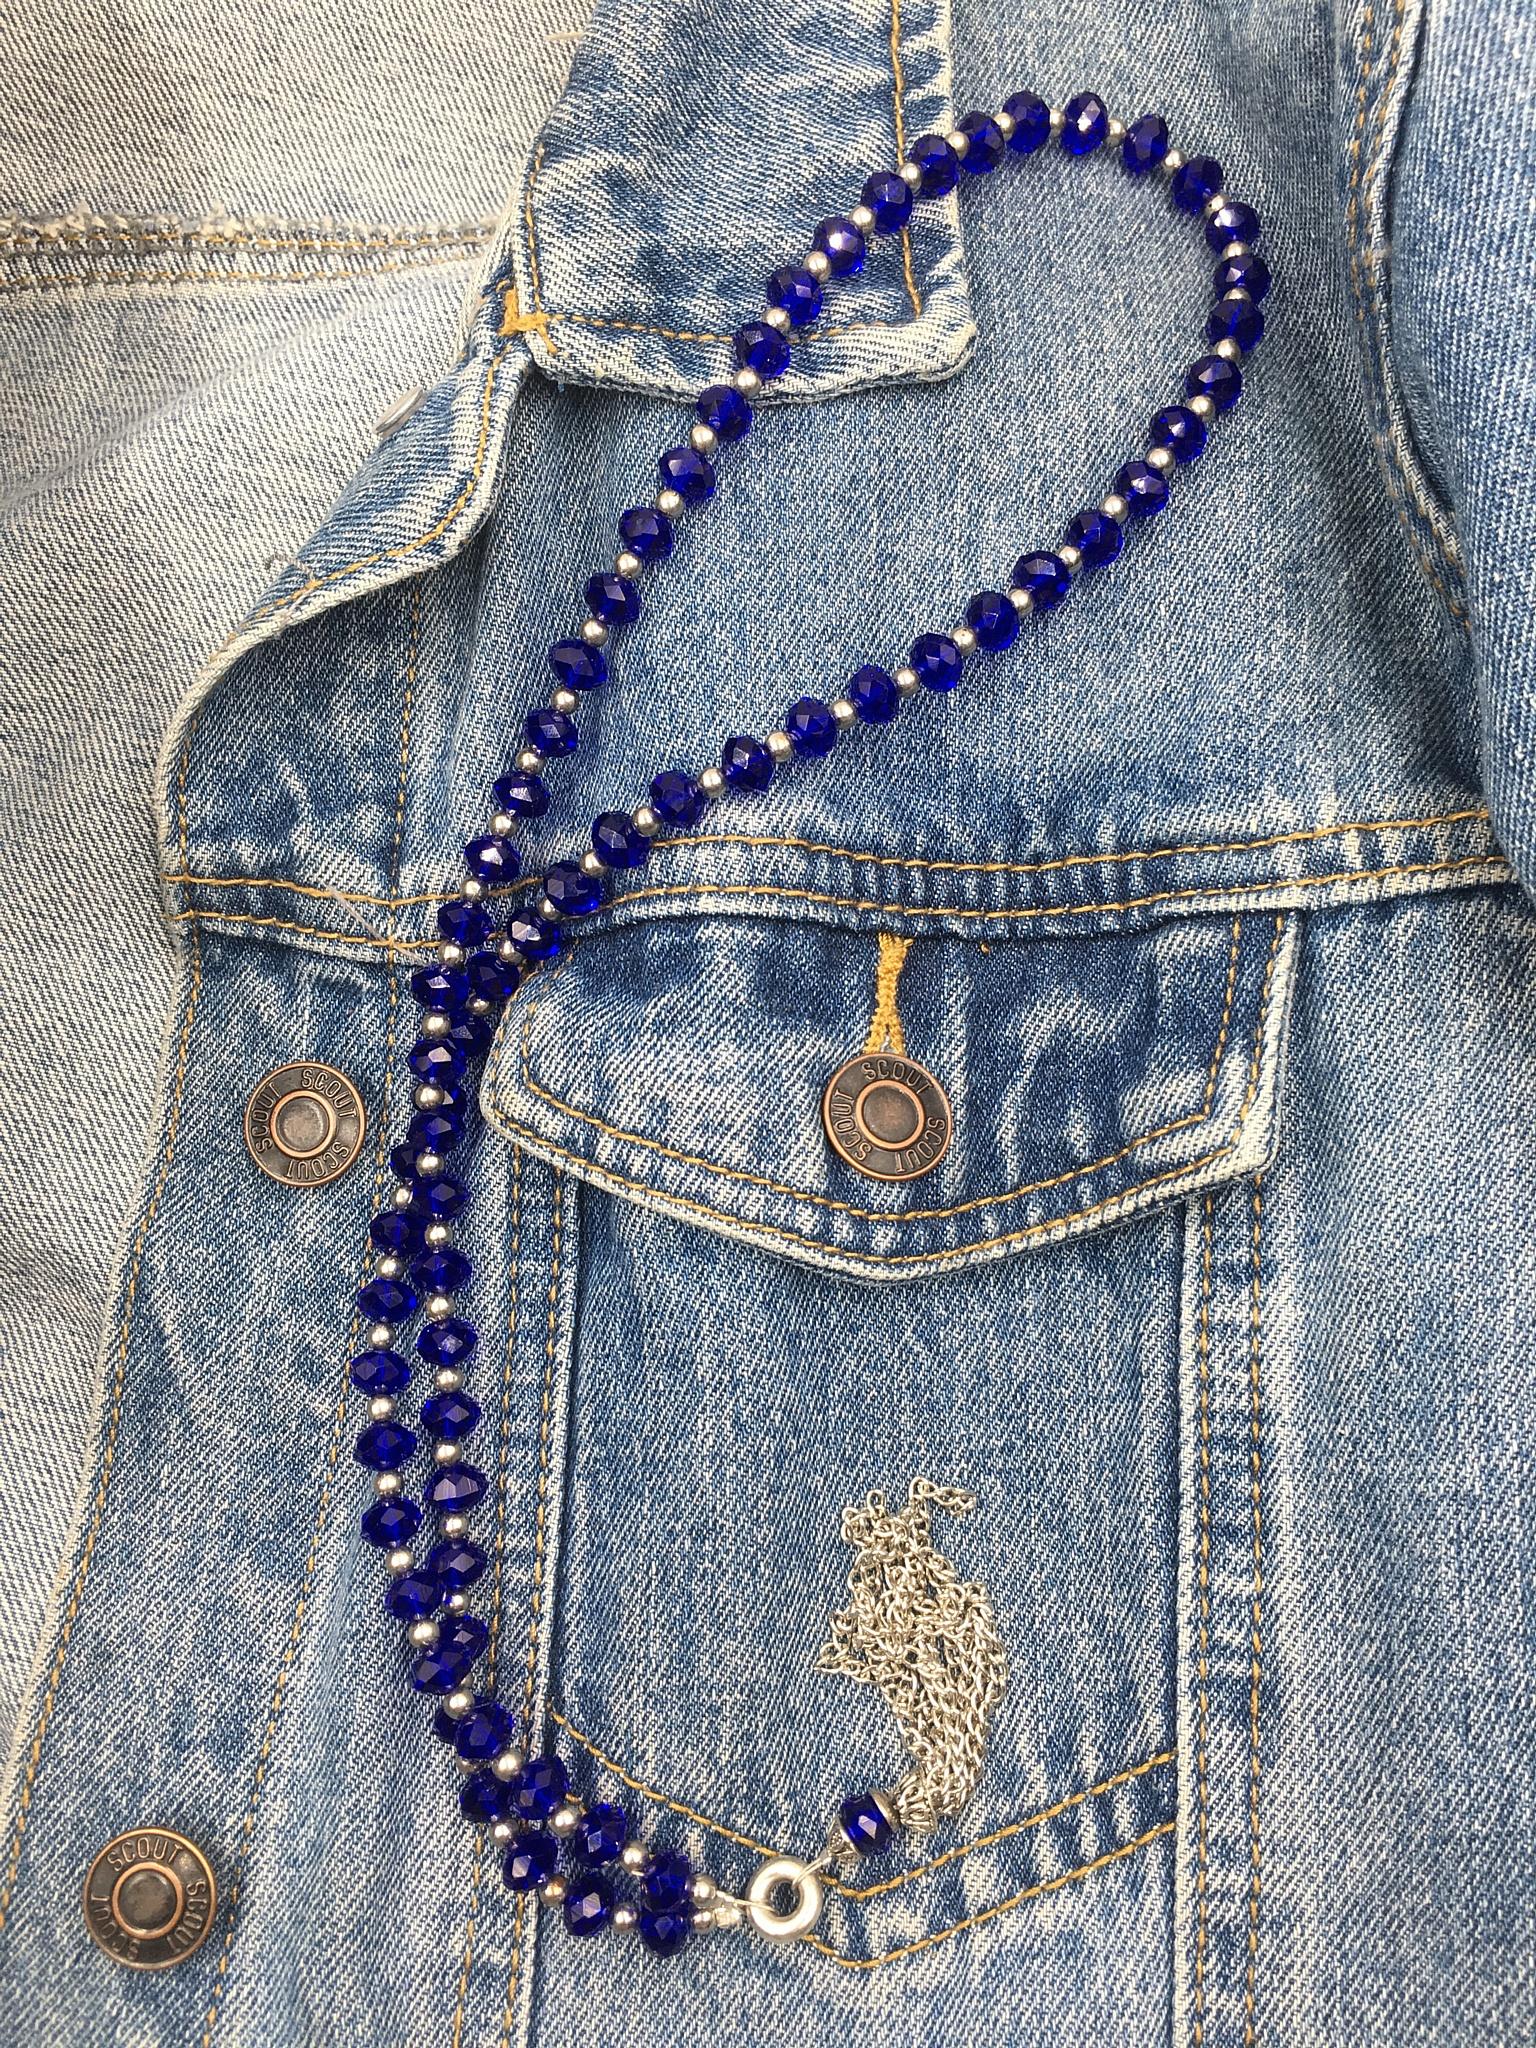 Мастер-класс по созданию украшений для женщин 31 августа 2019 года